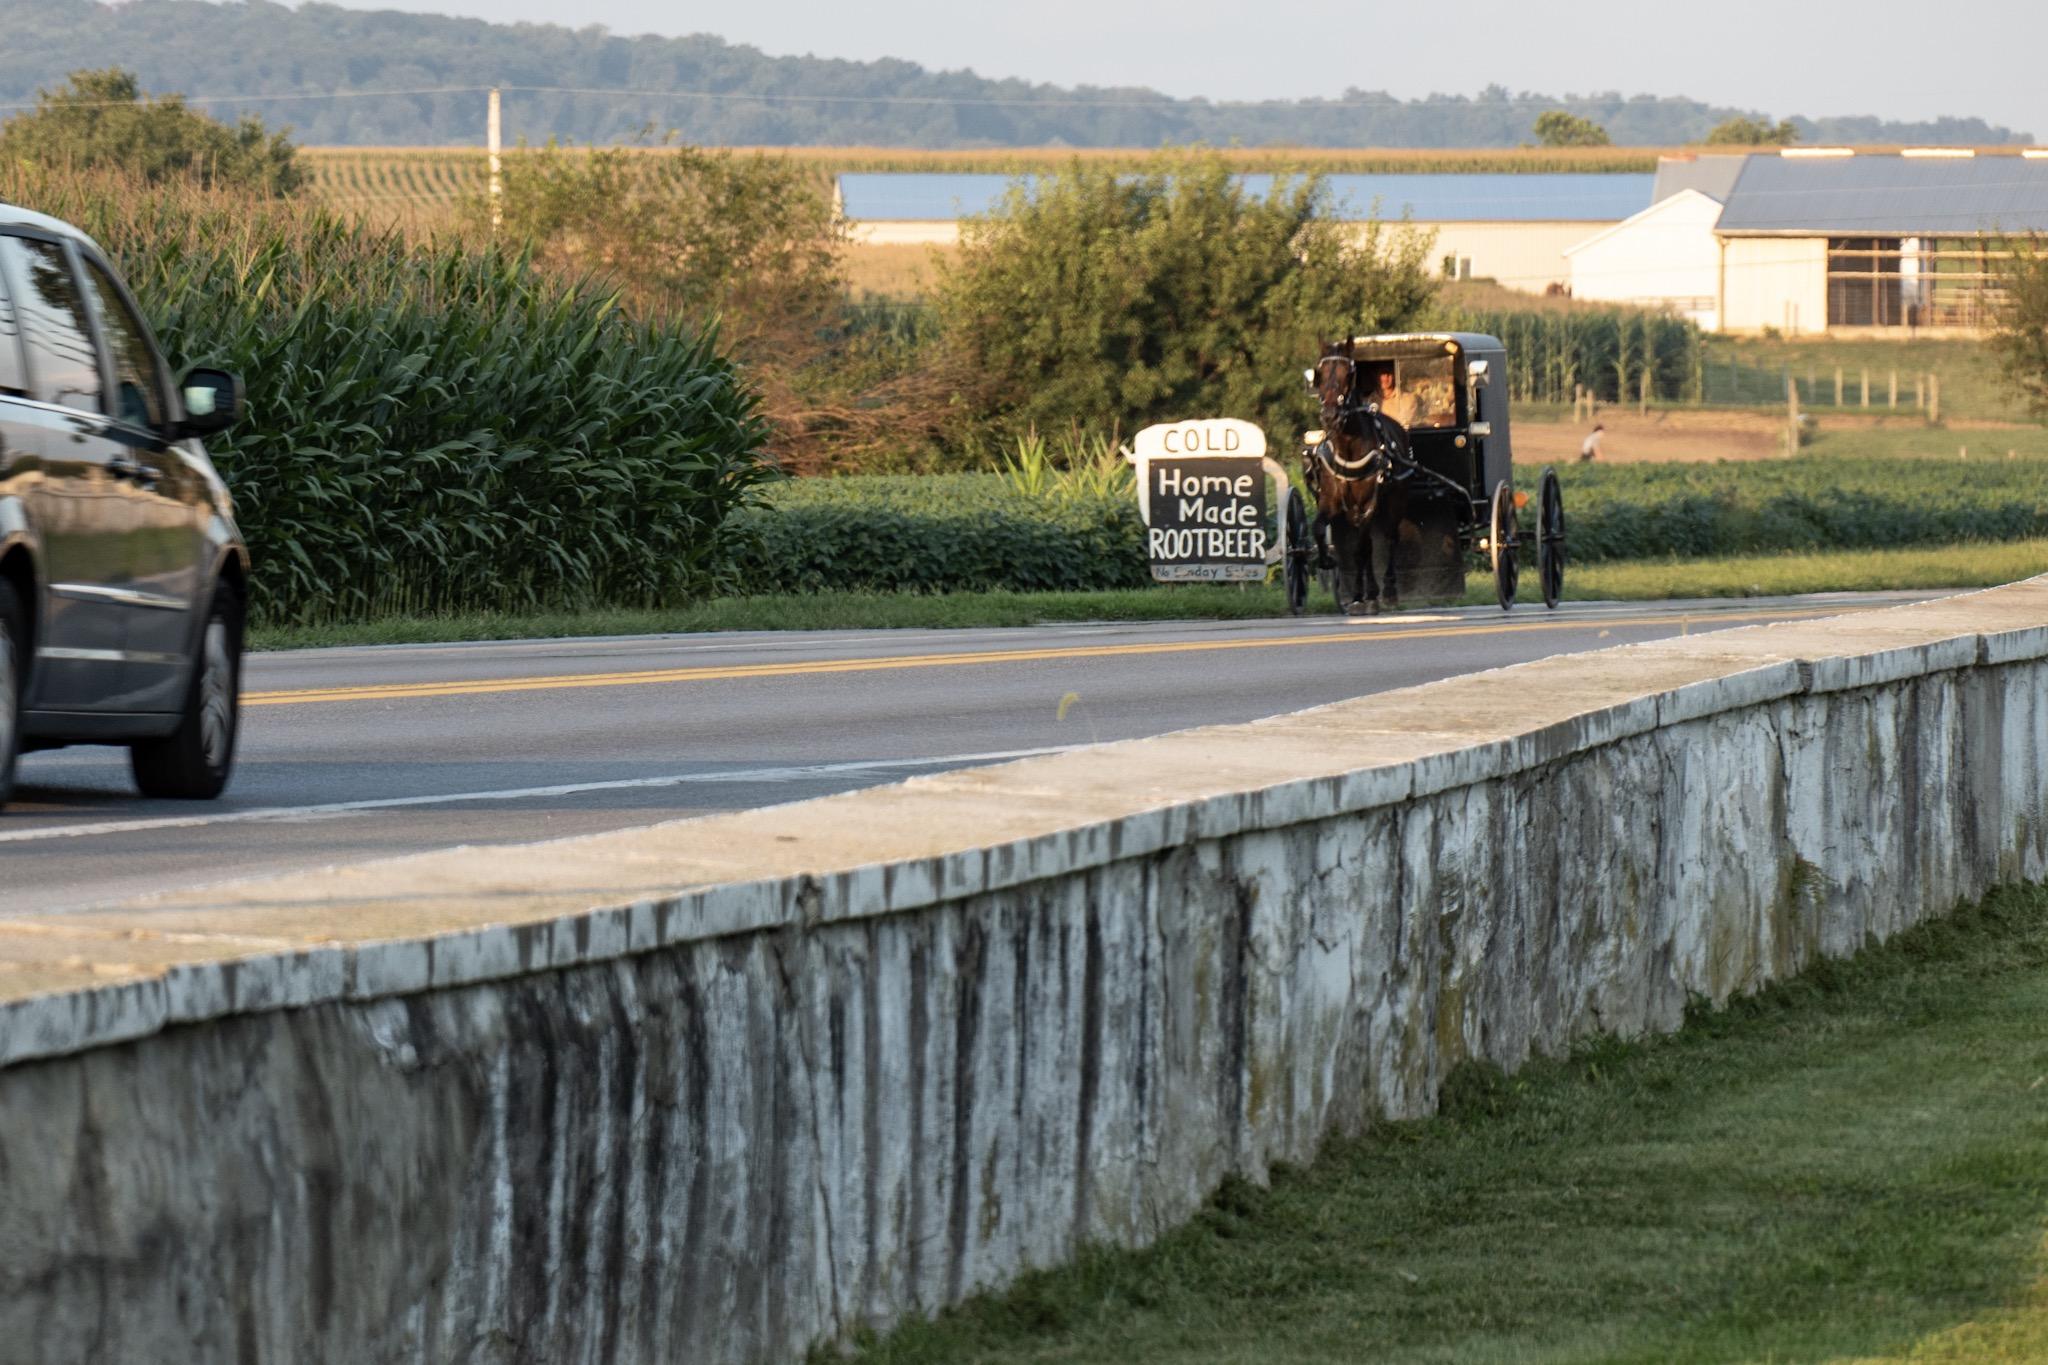 Mit dem Scooter bei den Amish – WeiterWinkel Blog